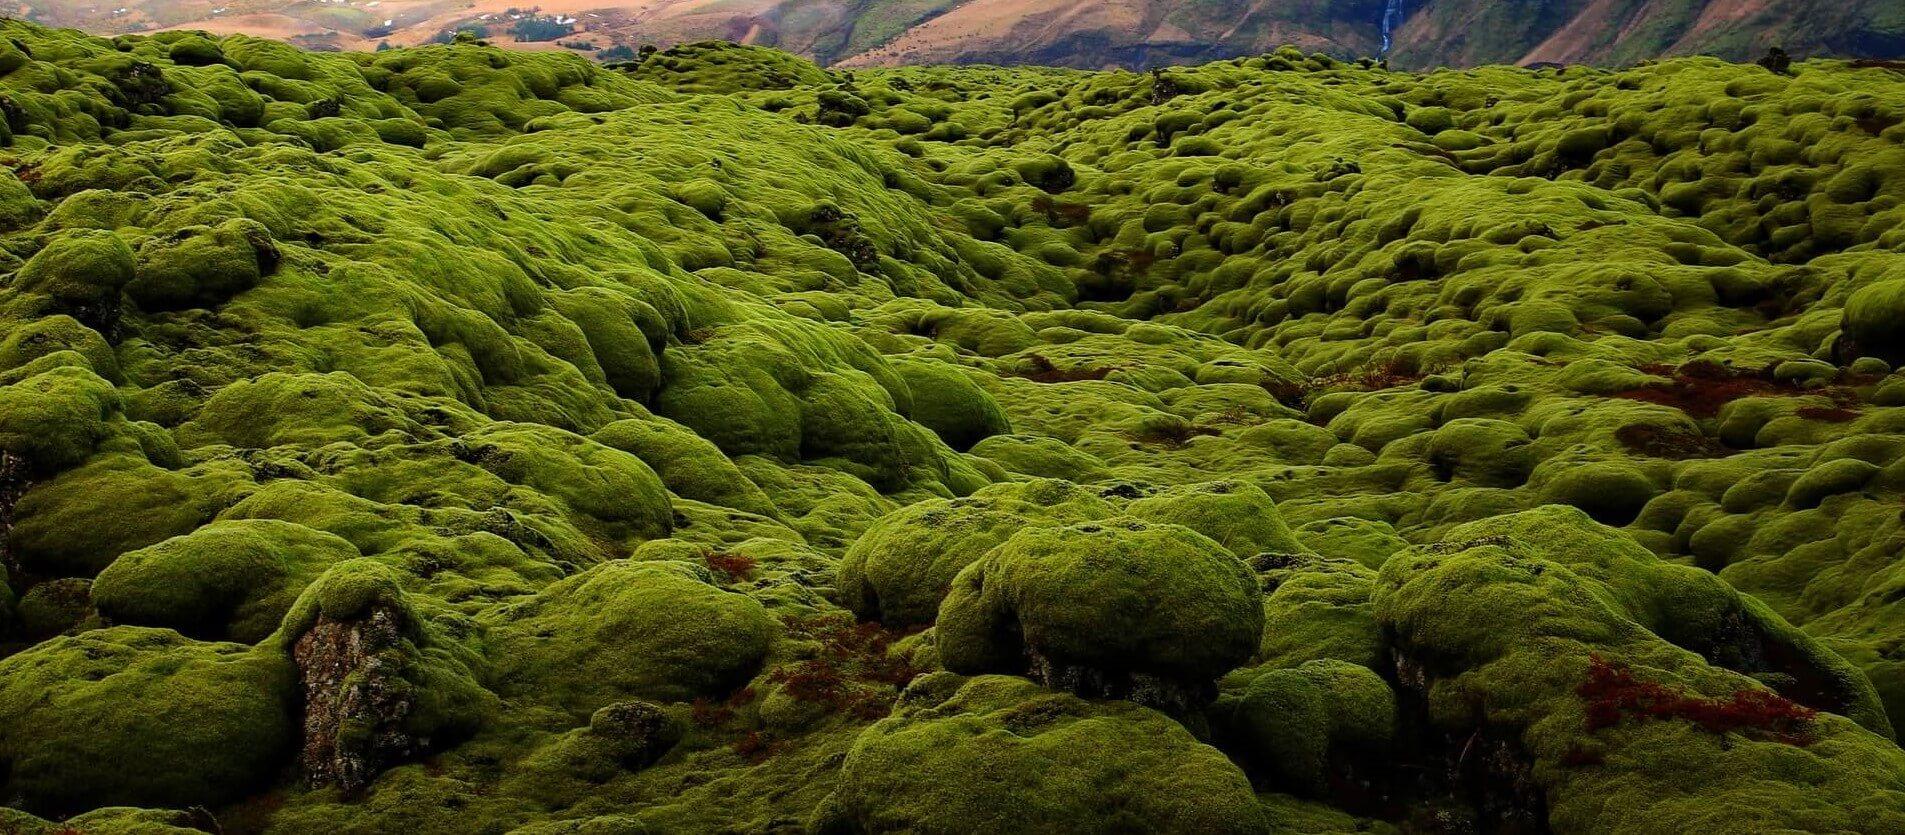 moss in rocks